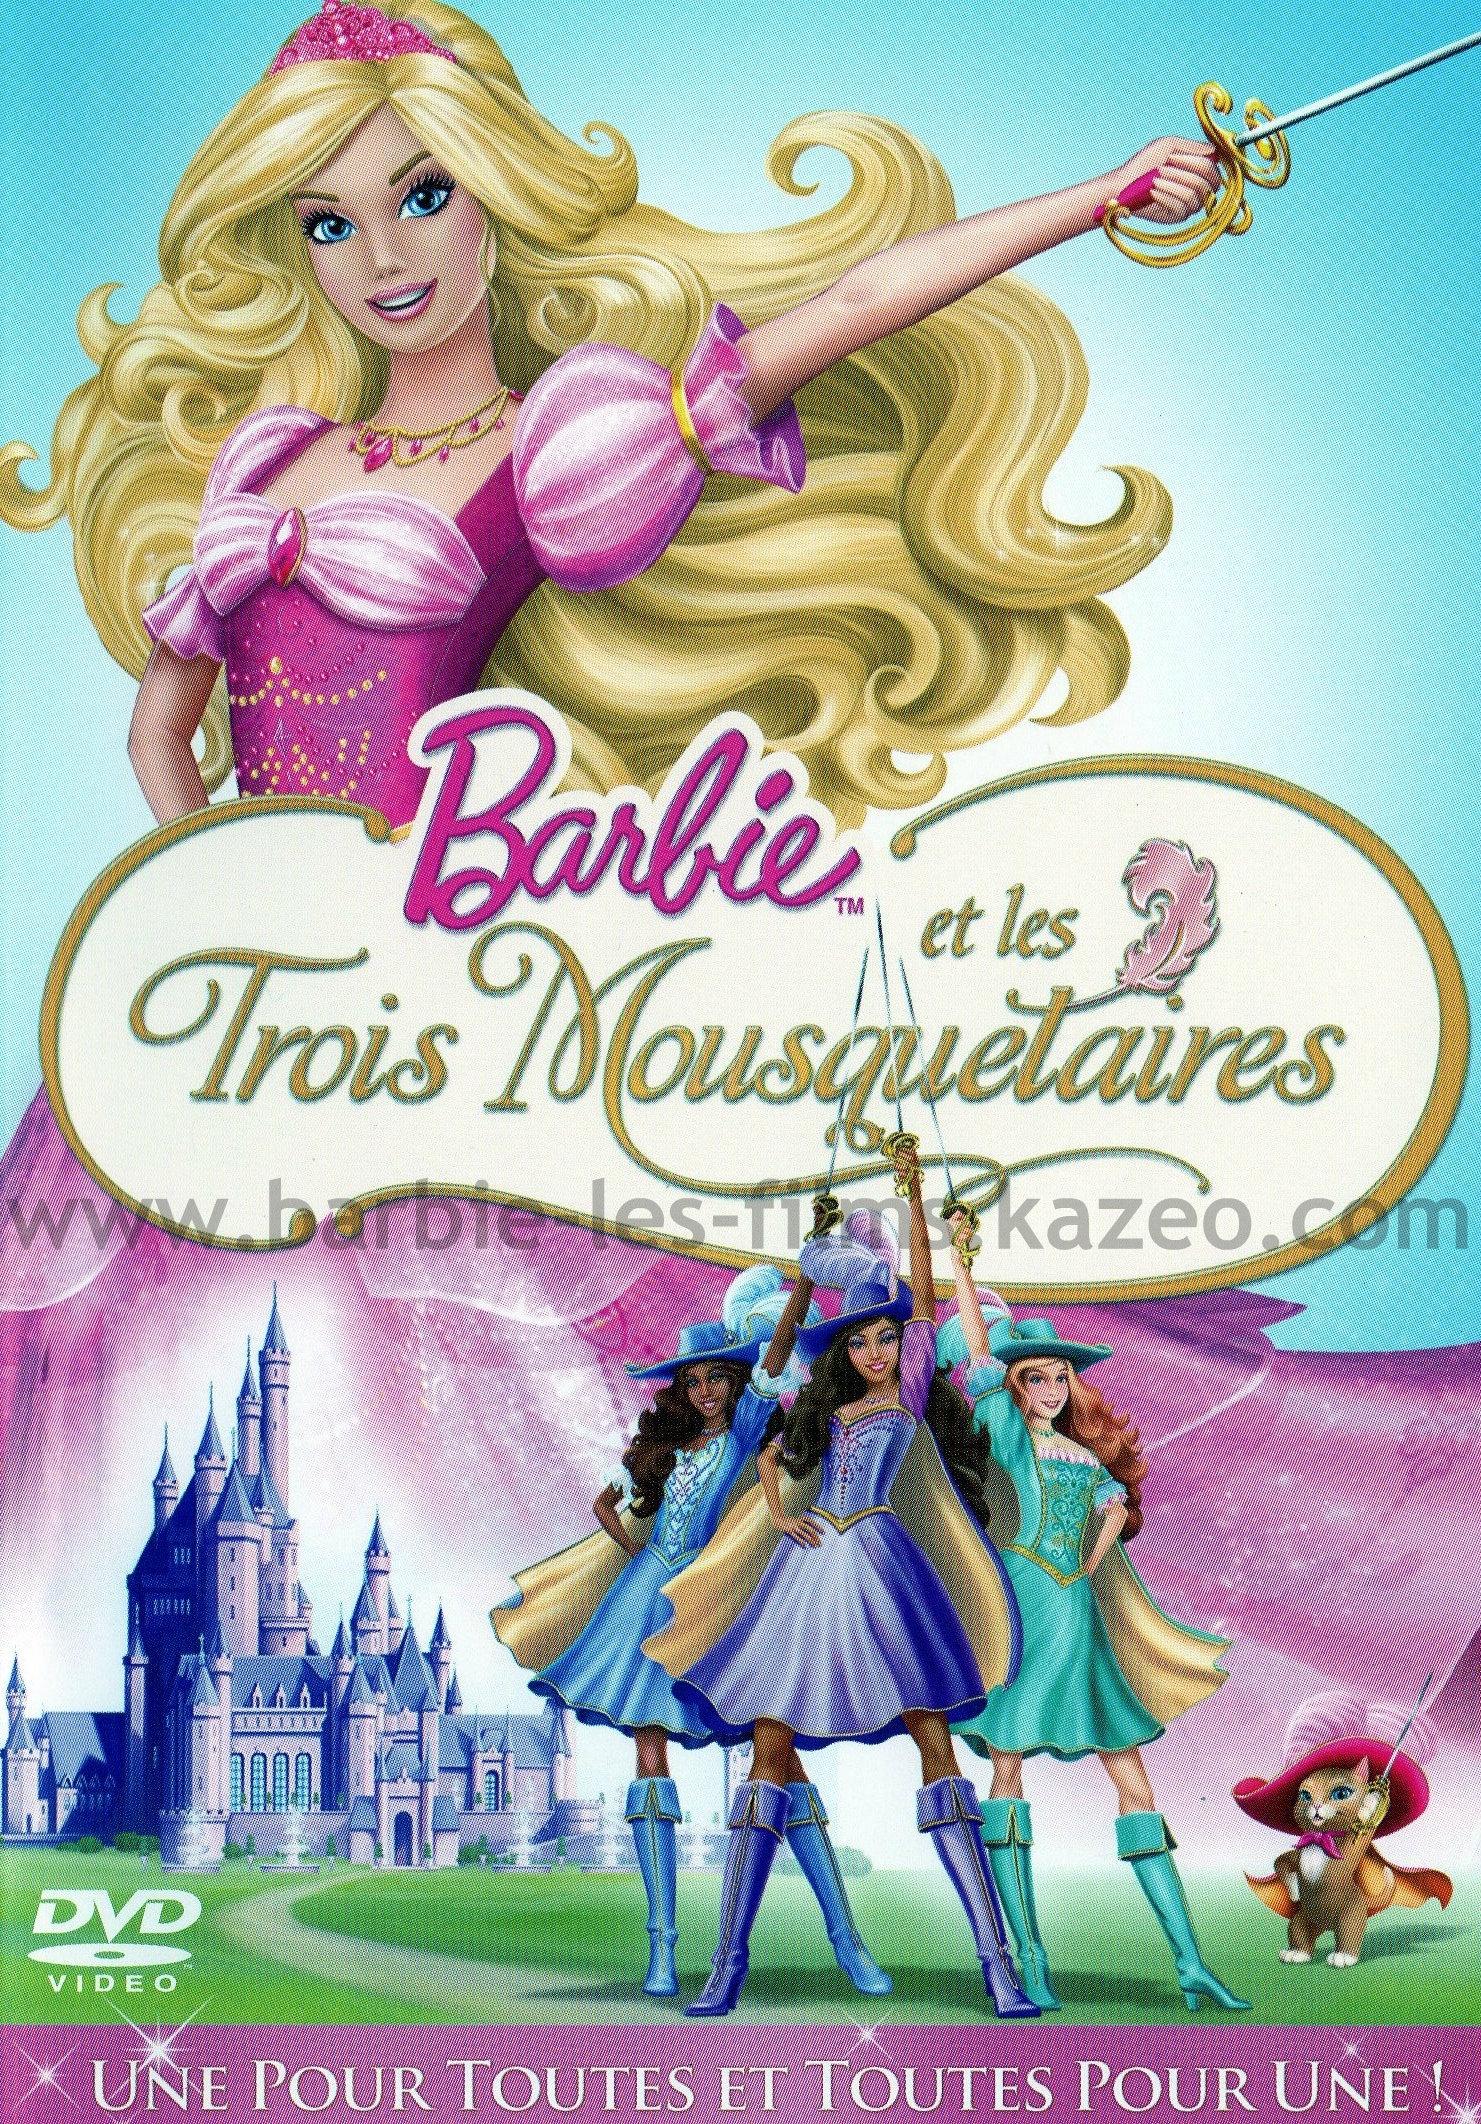 Barbie_et_les_trois_mousquetaires